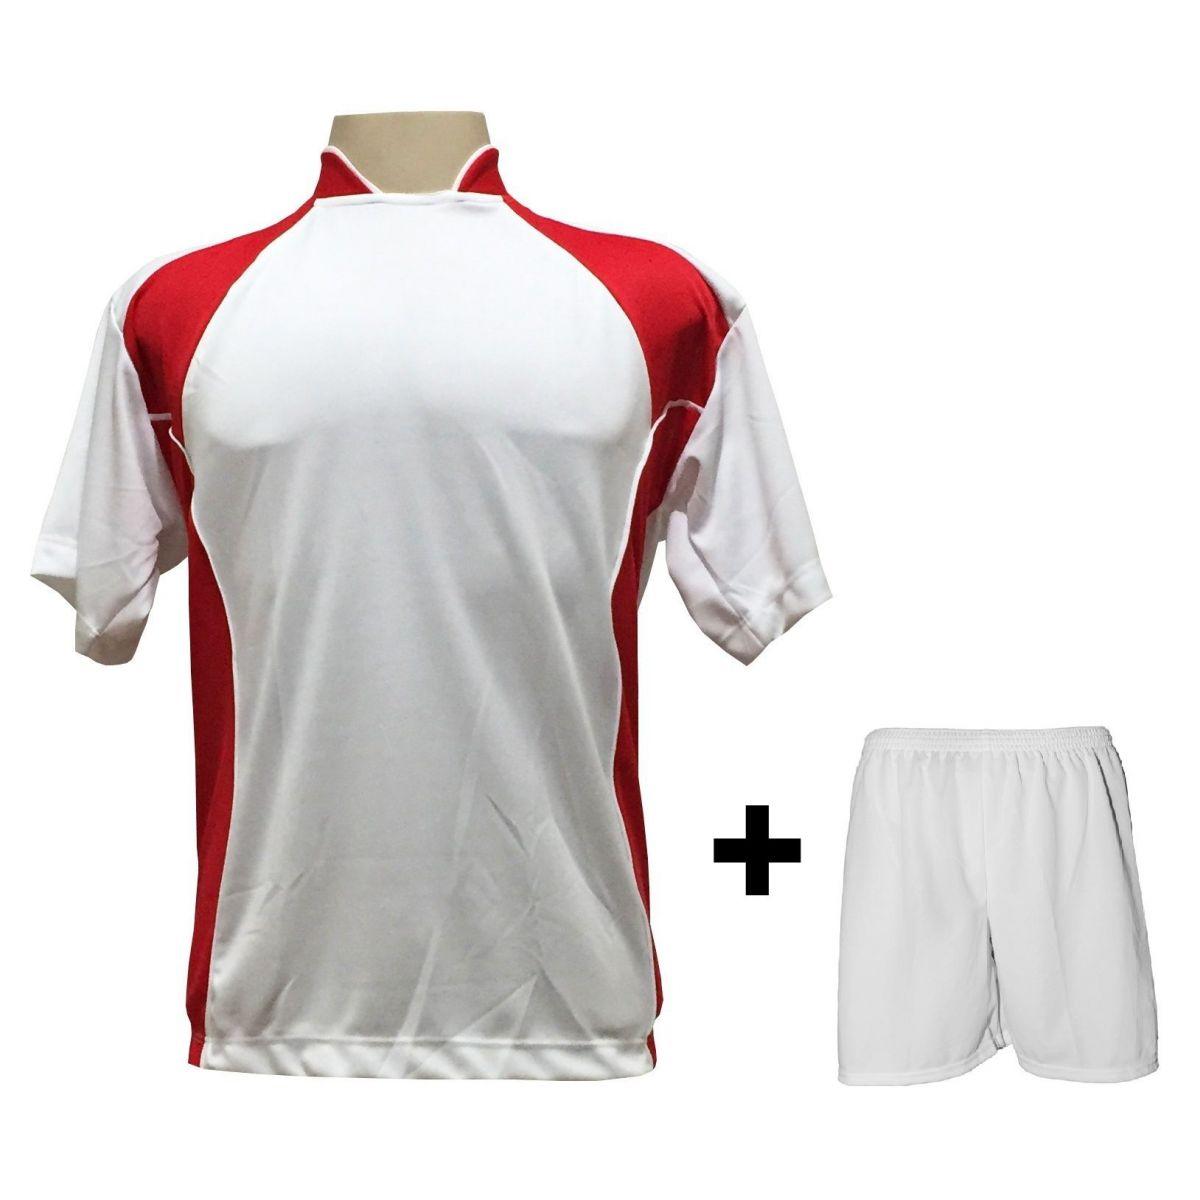 Uniforme Esportivo com 14 Camisas modelo Suécia Branco/Vermelho + 14 Calções modelo Madrid Branco